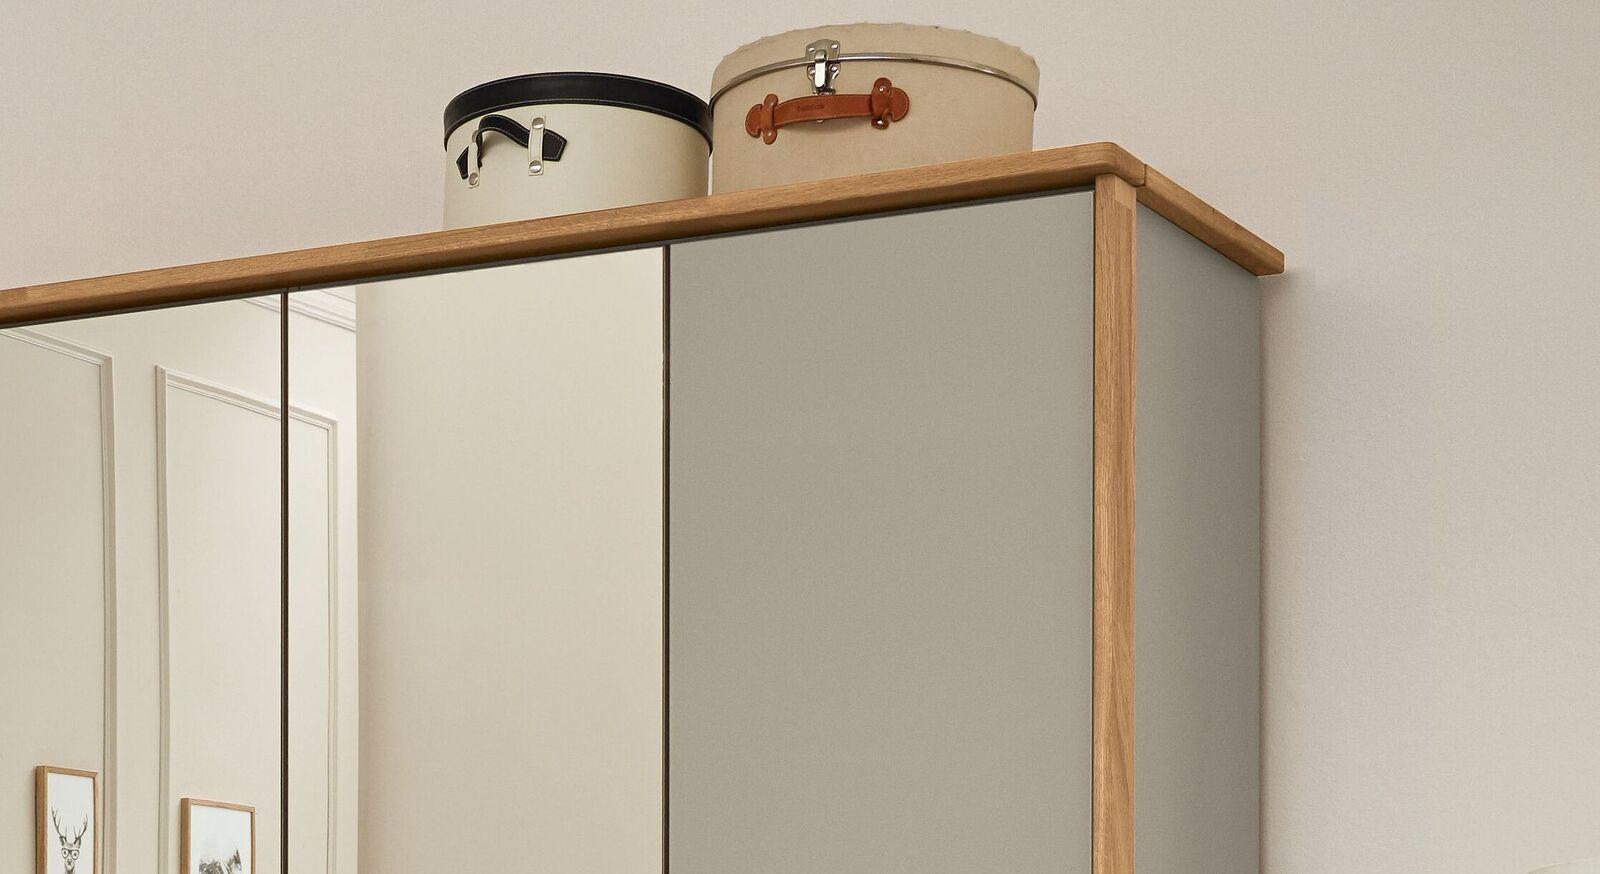 MUSTERRING Spiegel-Kleiderschrank Saphira kieselgrau mit Passepartout-Rahmen